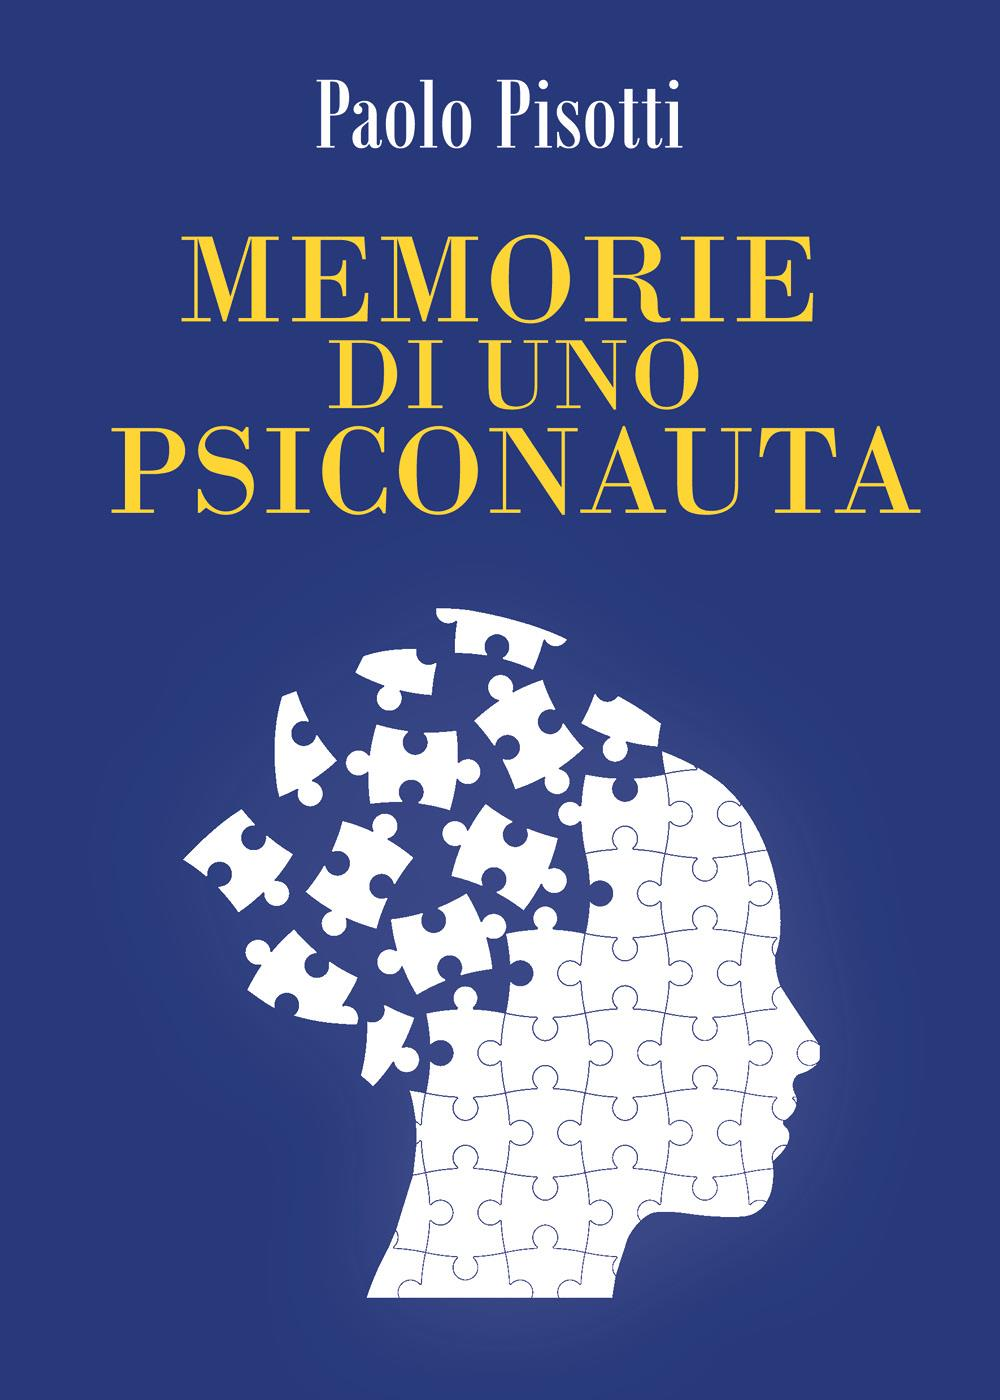 Memorie di uno Psiconauta